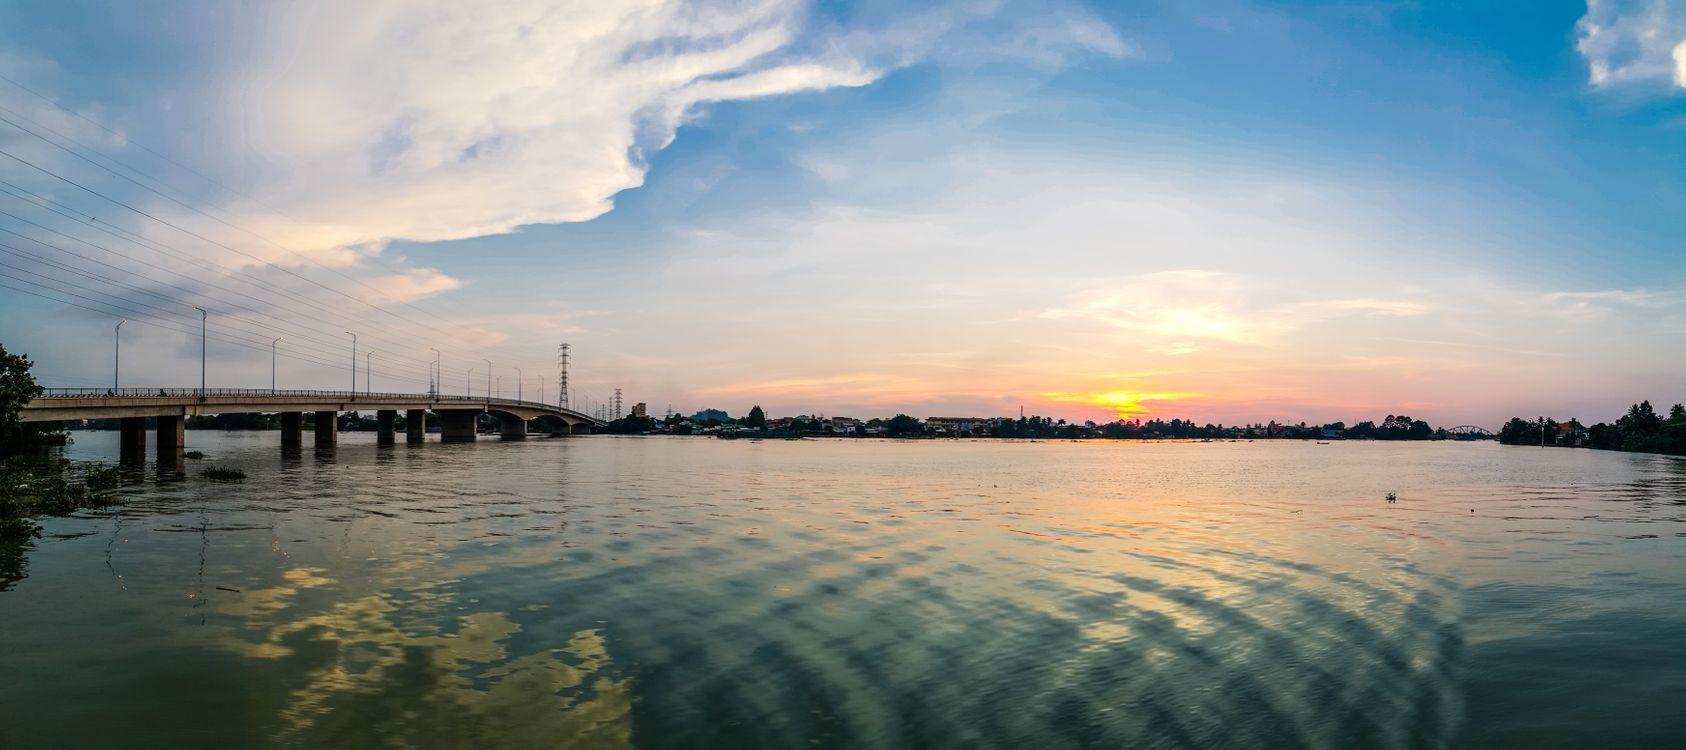 Фото бесплатно река, небо, размышления, водный путь, воды, водное пространство, горизонт, облако, закат солнца, море, вечер, смеркаться, восход, утро, спокойствие, пейзажи